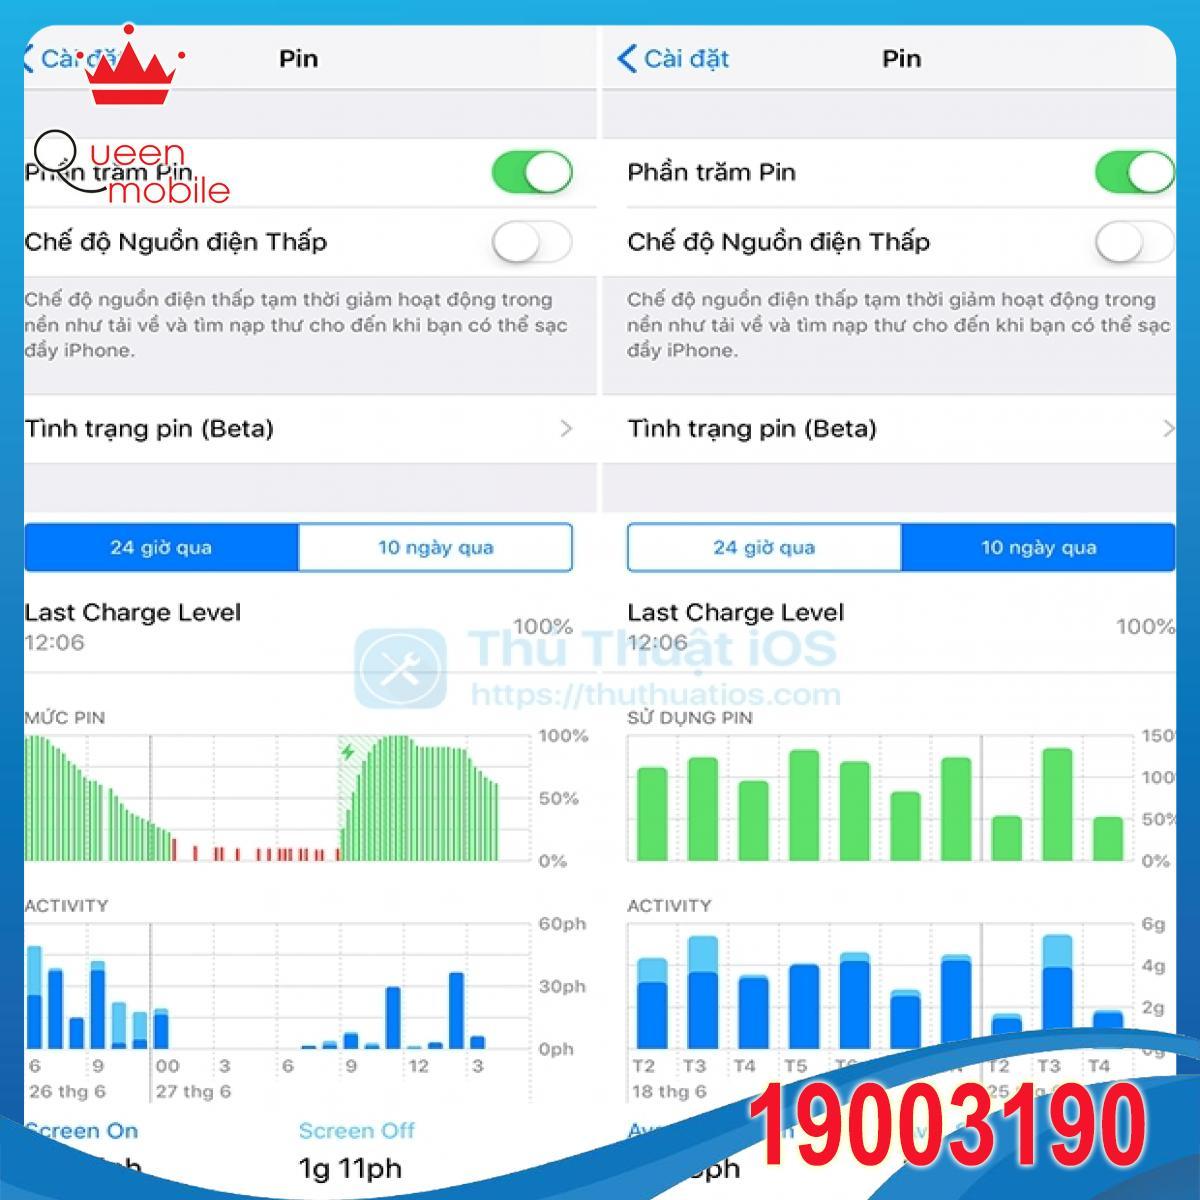 Cách xem thống kê mức sử dụng pin chi tiết trên iOS 12